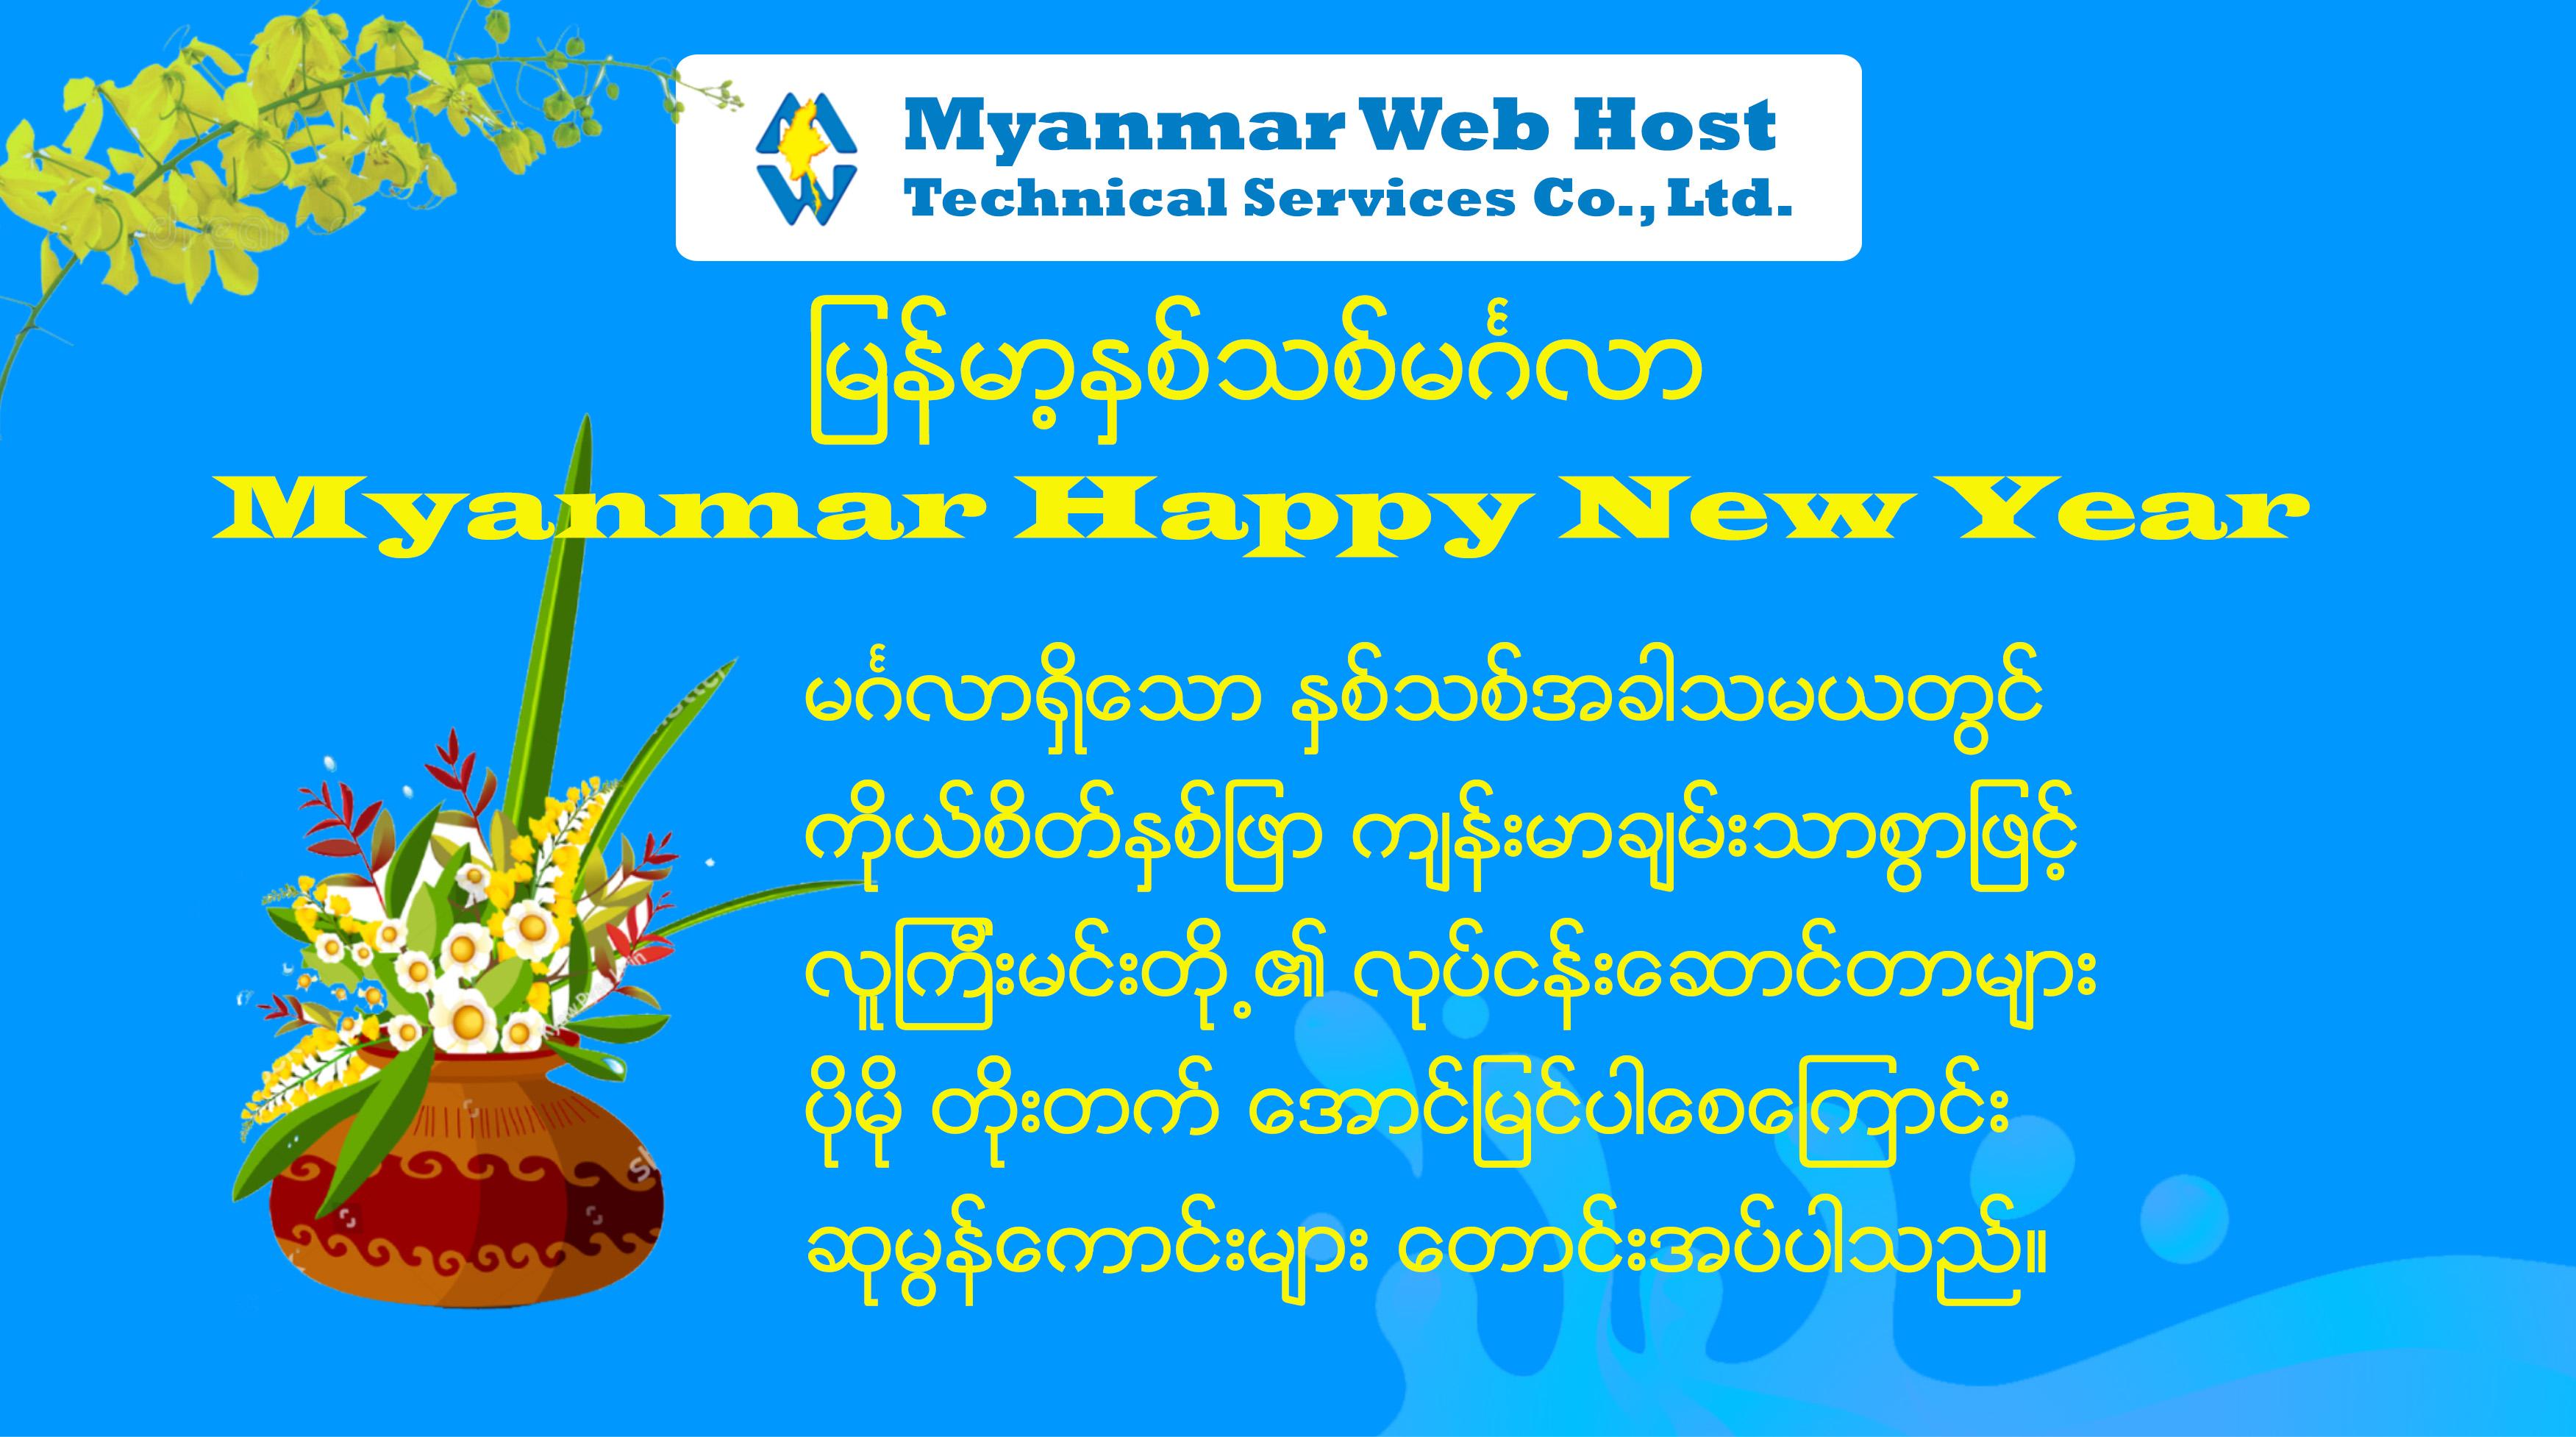 ျမန္မာ့ ႏွစ္သစ္ကူး မဂၤလာ ******************************* Myanmar Happy New Year ******************************* မဂၤလာရွိေသာ ႏွစ္သစ္အခါသမယတြင္ အားလံုး စိတ္ခ်မ္းသာ ကိုယ္က်န္းမာစြာျဖင့္ လုပ္ငန္းမ်ား တိုးတက္ေအာင္ျမင္ပါေစေၾကာင္း ဆုမြန္ေကာင္းမ်ား ေတာင္းအပ္ပါသည္။    #Myanmar#Web#Host #MyanmarWebHost  …